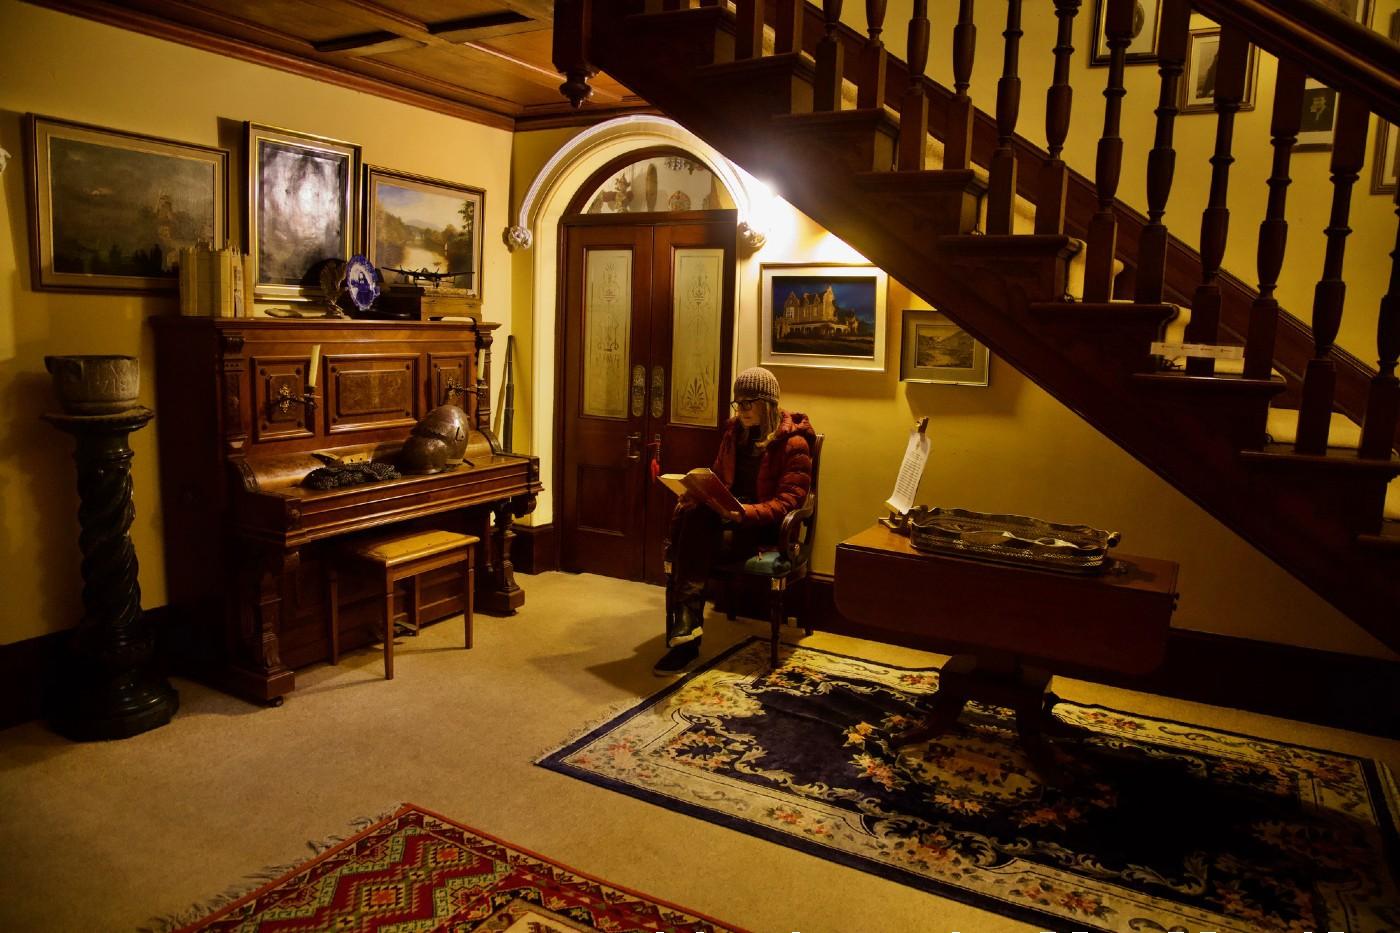 Storitella Relaxing in Abercrombie House Bathurst